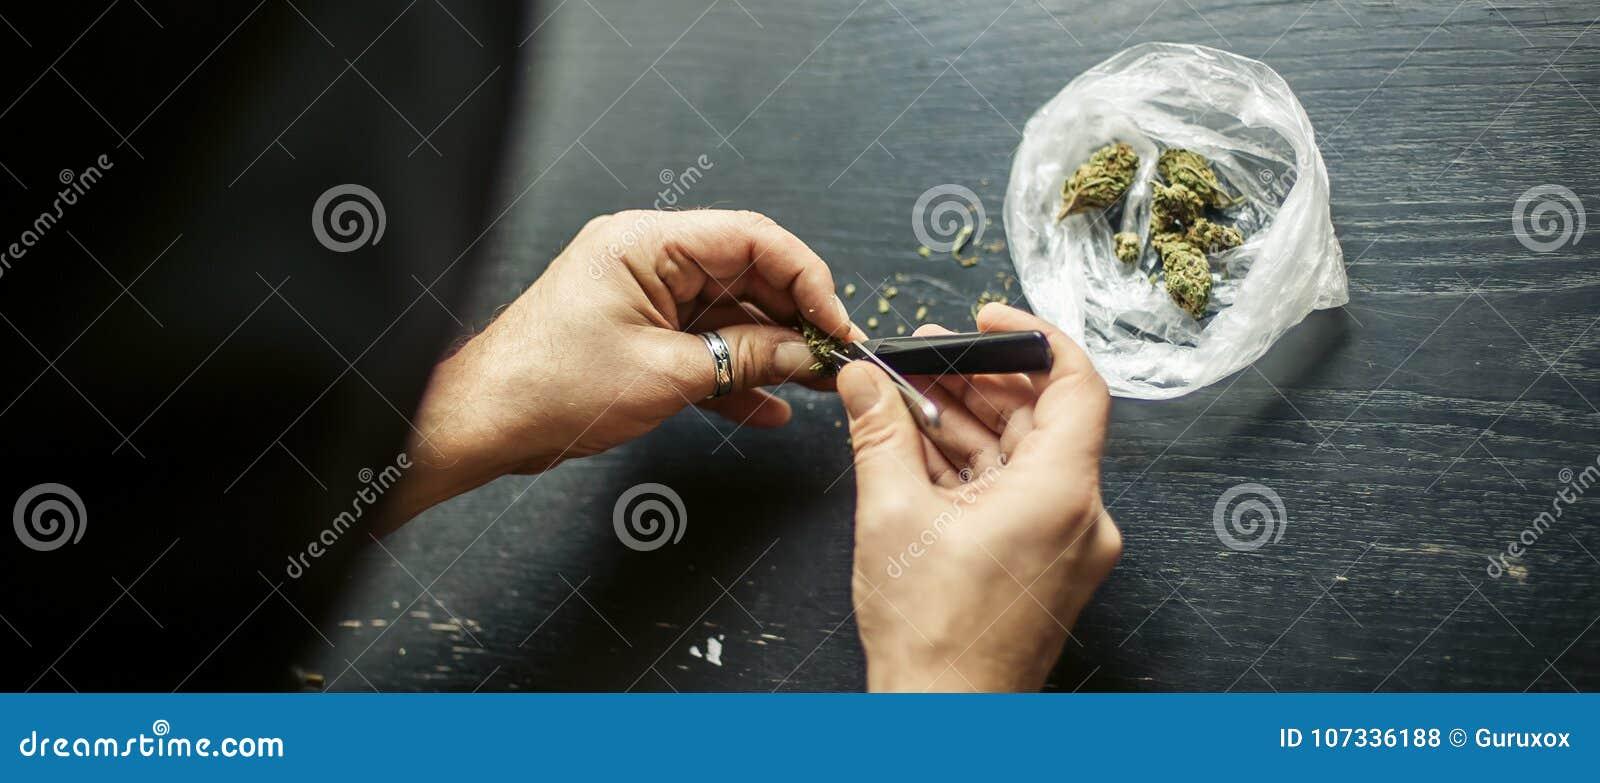 Preparando a junção do cannabis da marijuana Droga o conceito narcótico